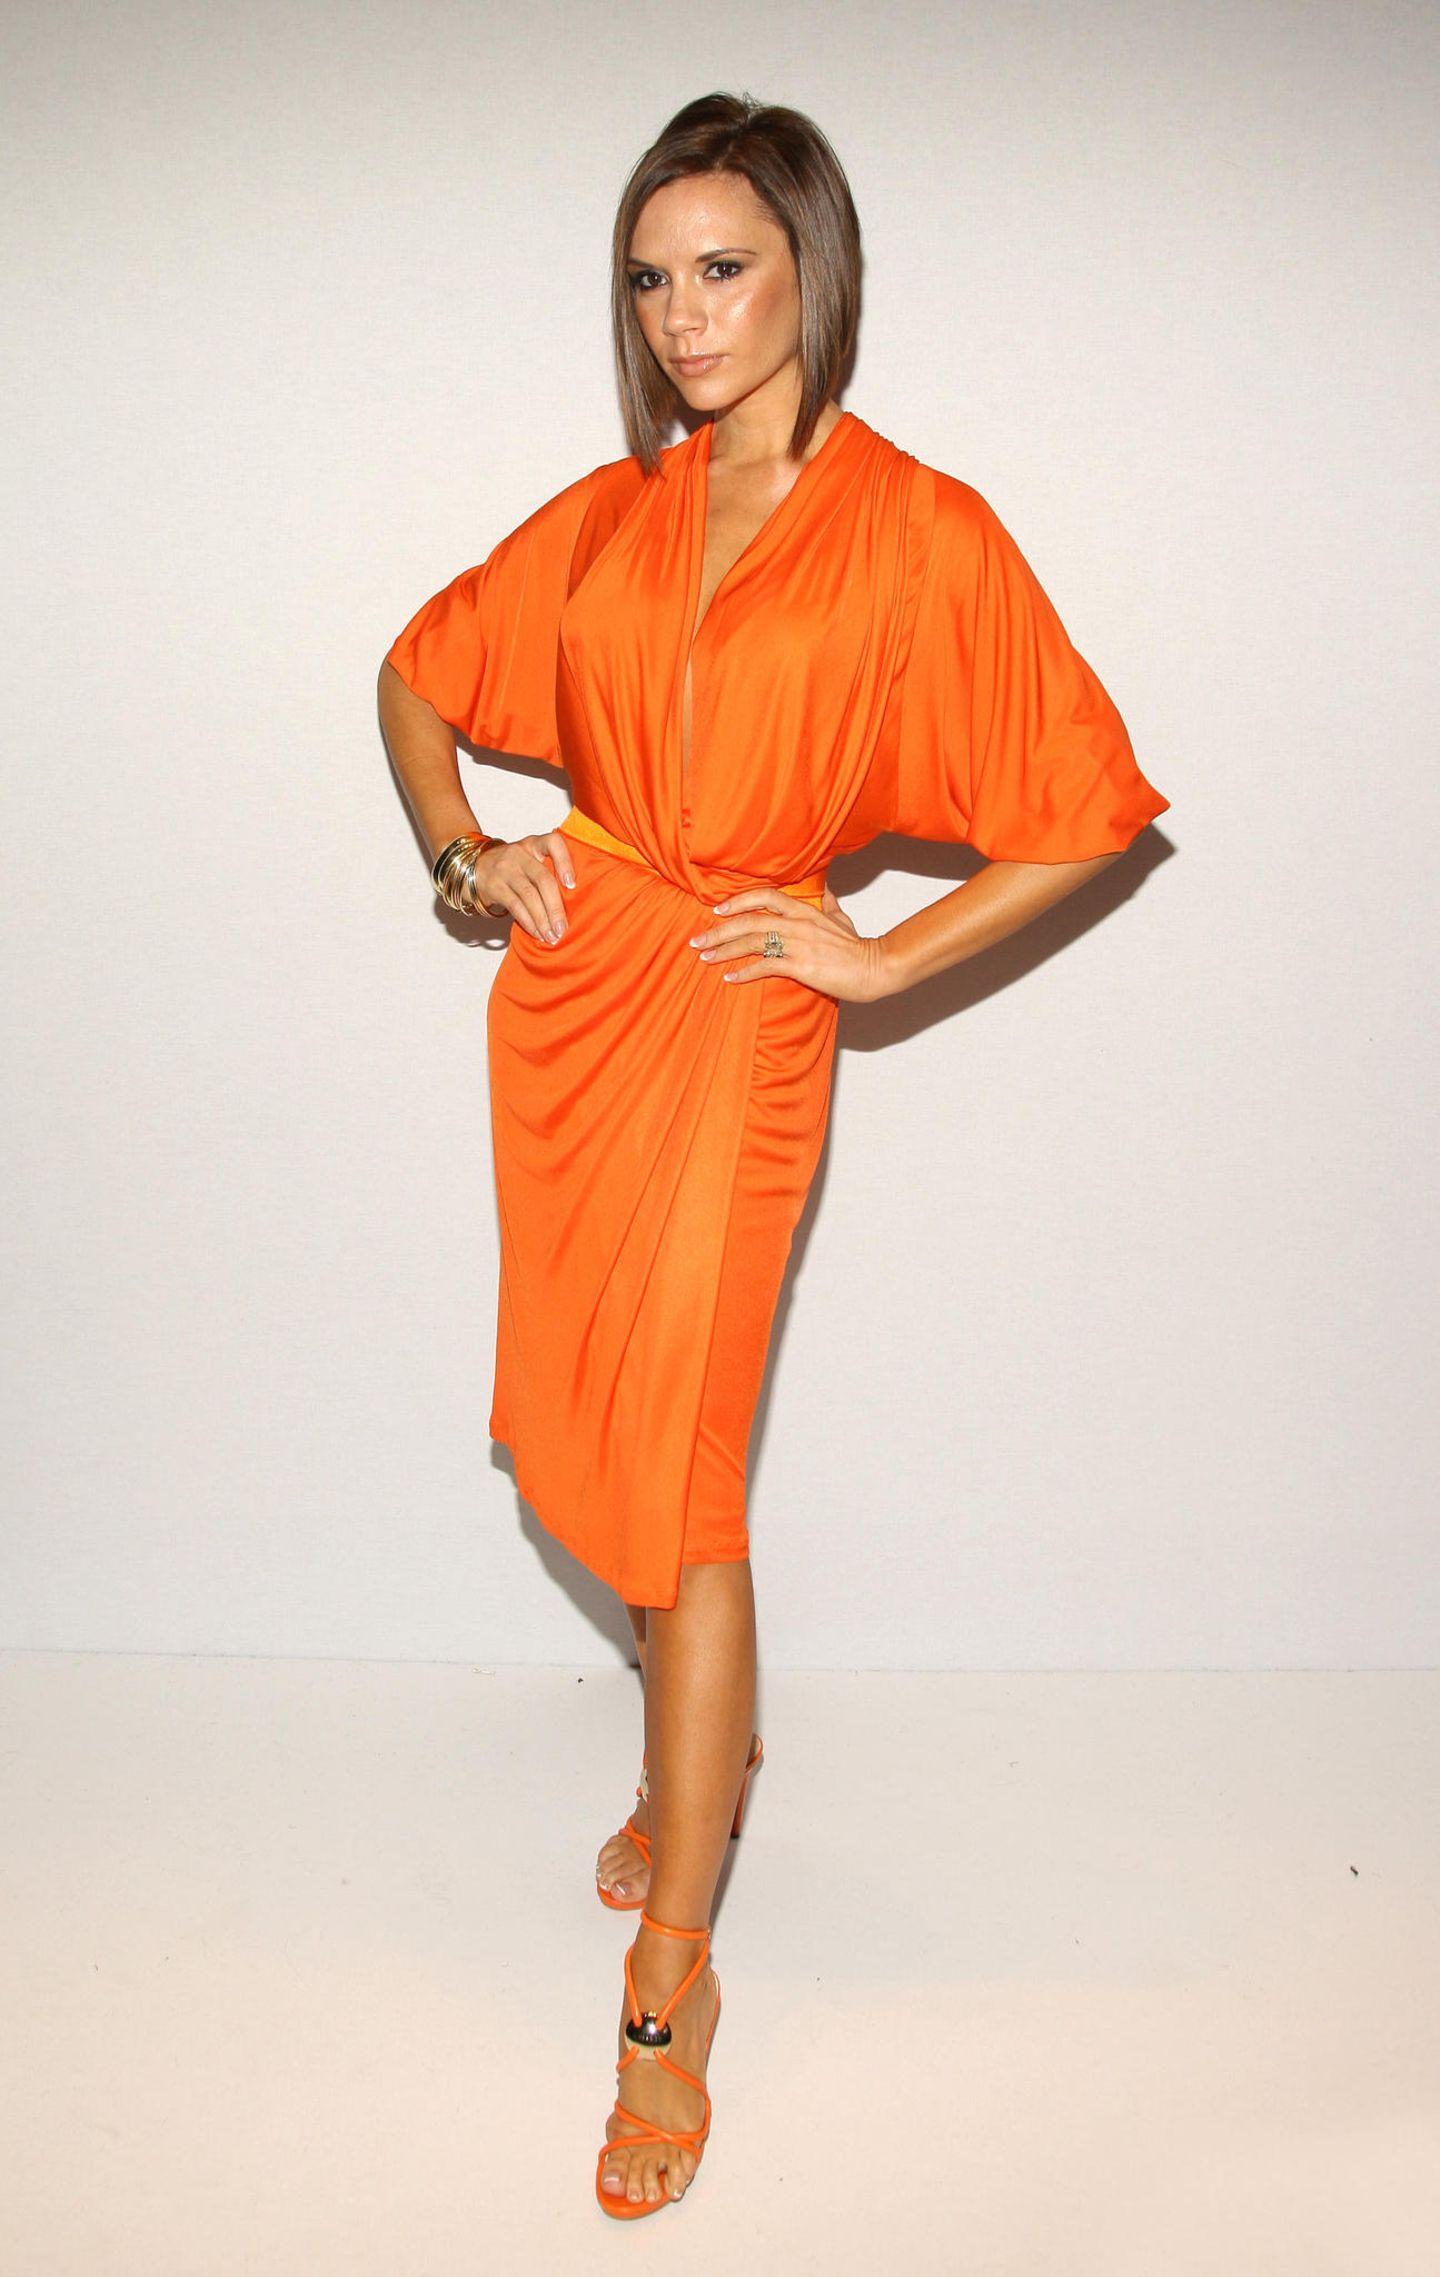 Victoria Beckham: im orangen Kleid